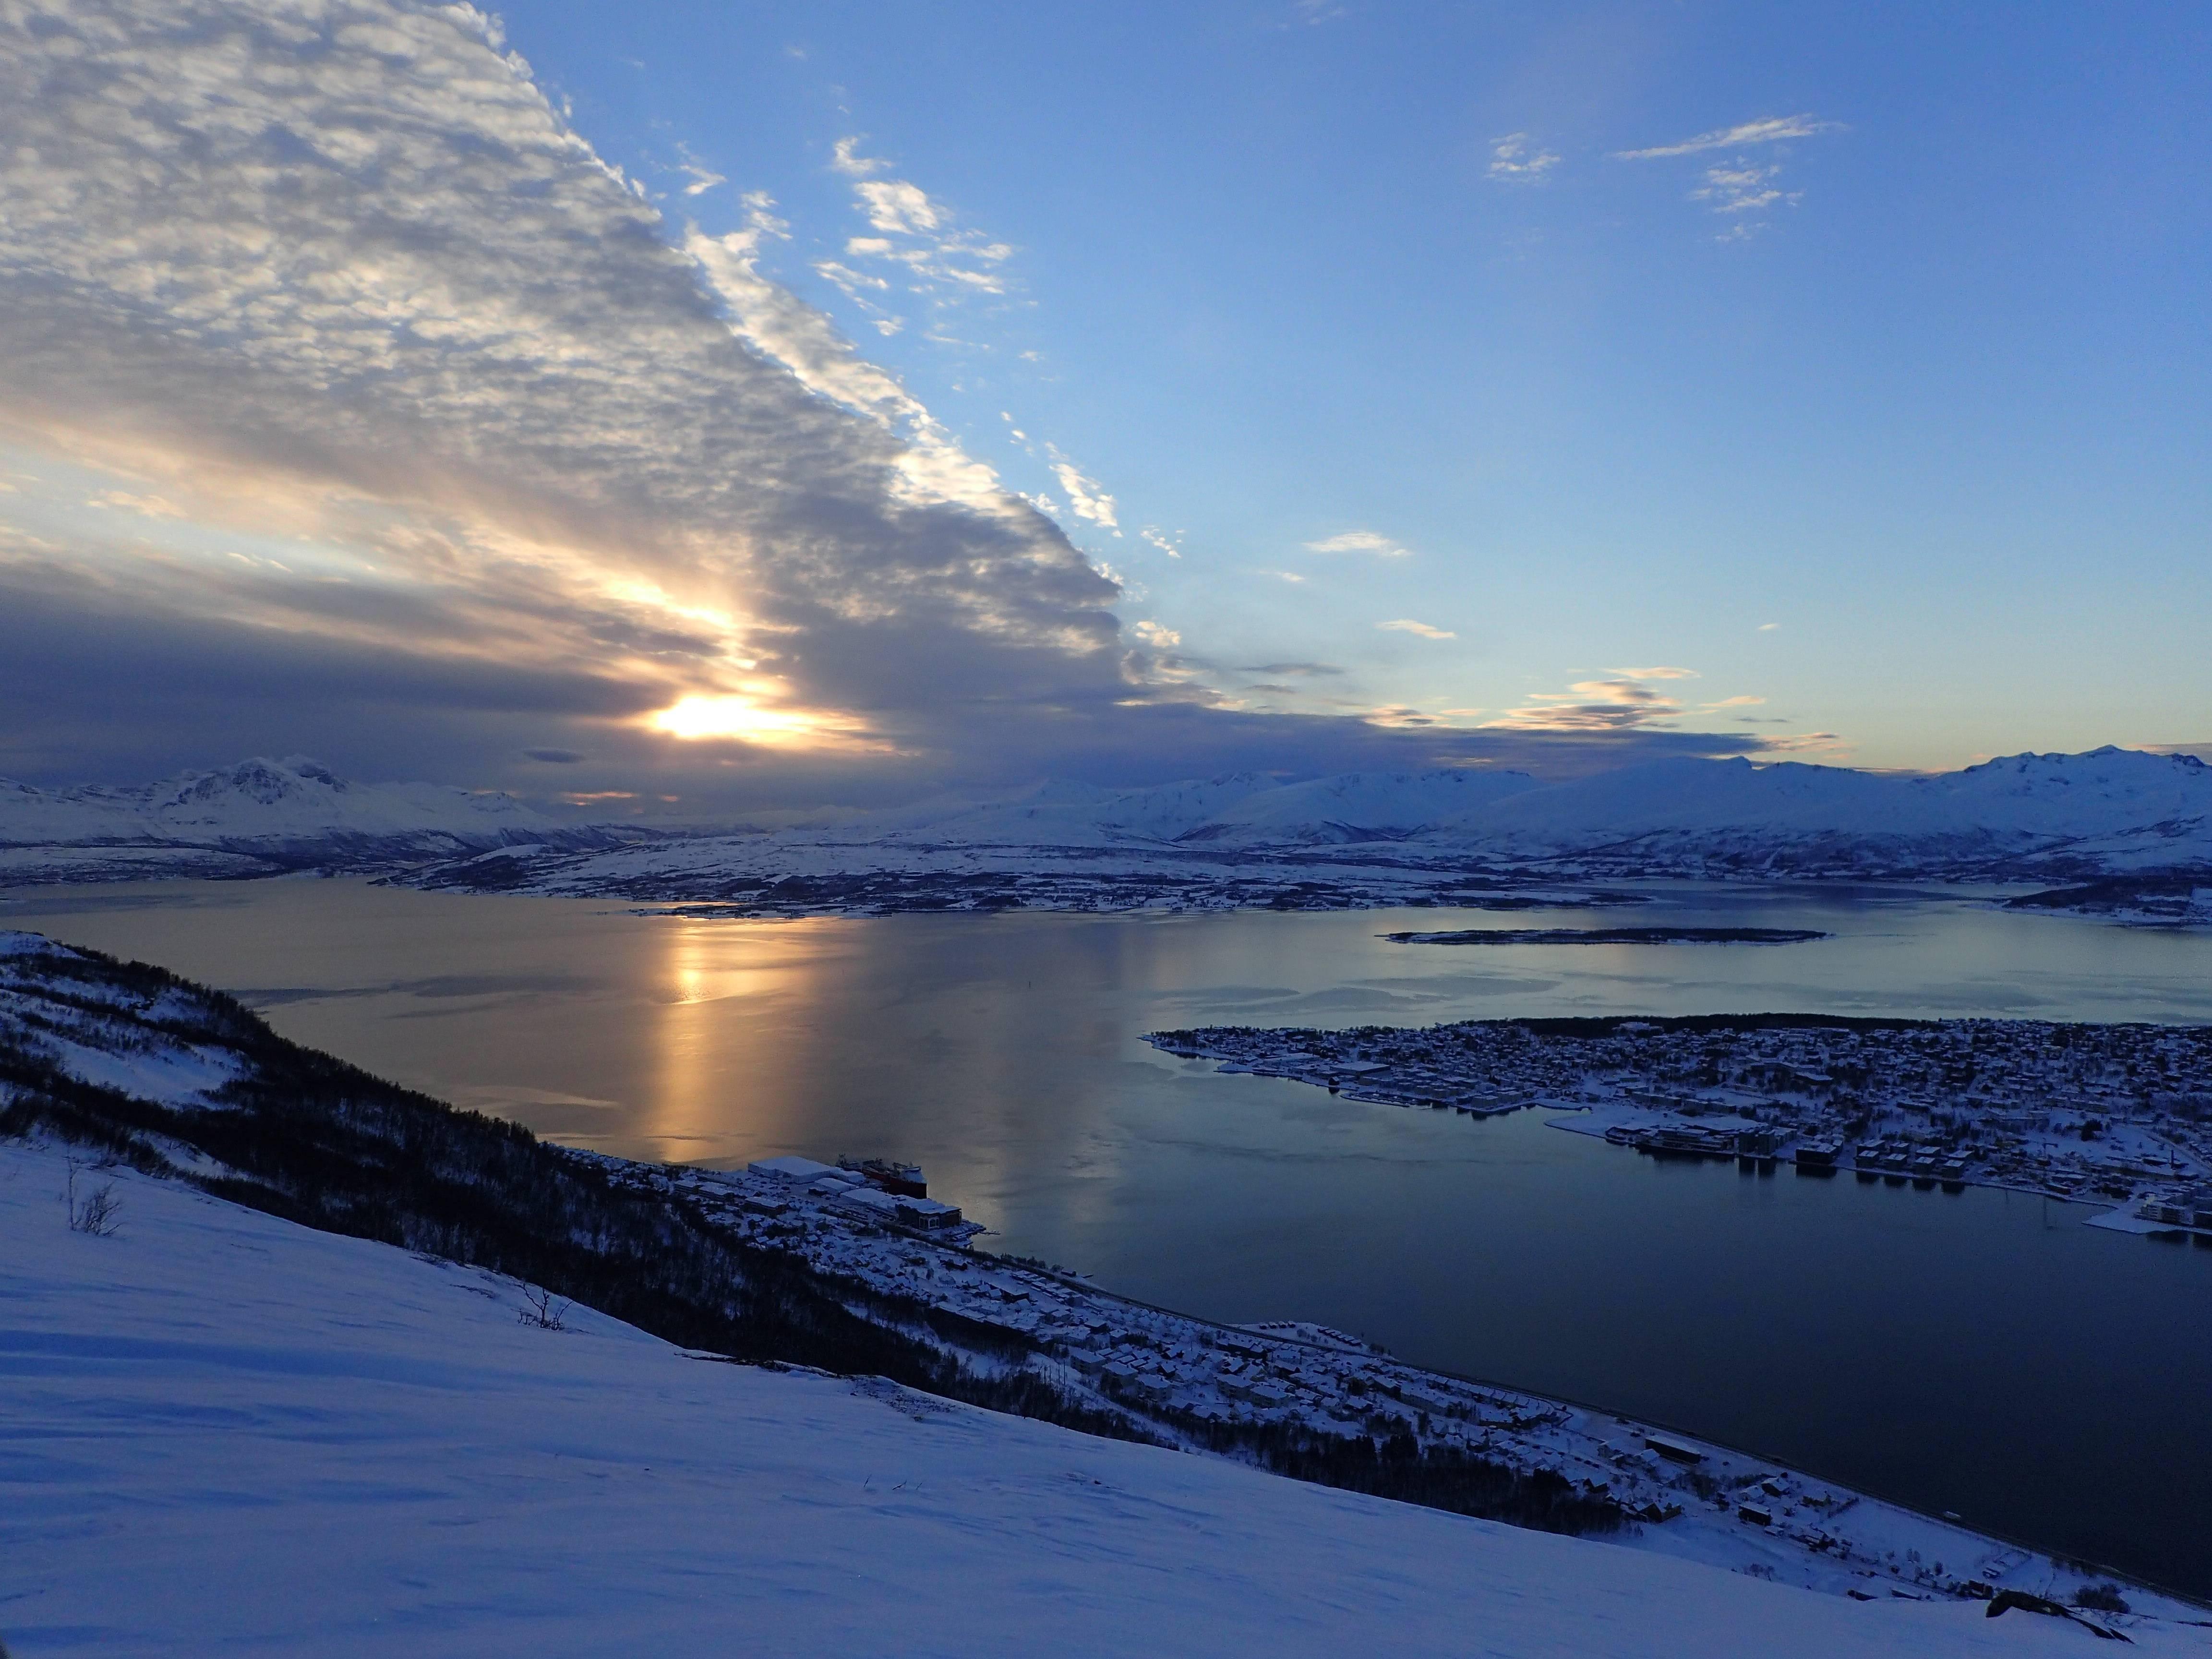 Photo 1: Tromso, ville portuaire de Laponie Norvegienne, avec un funiculaire pour voir son île